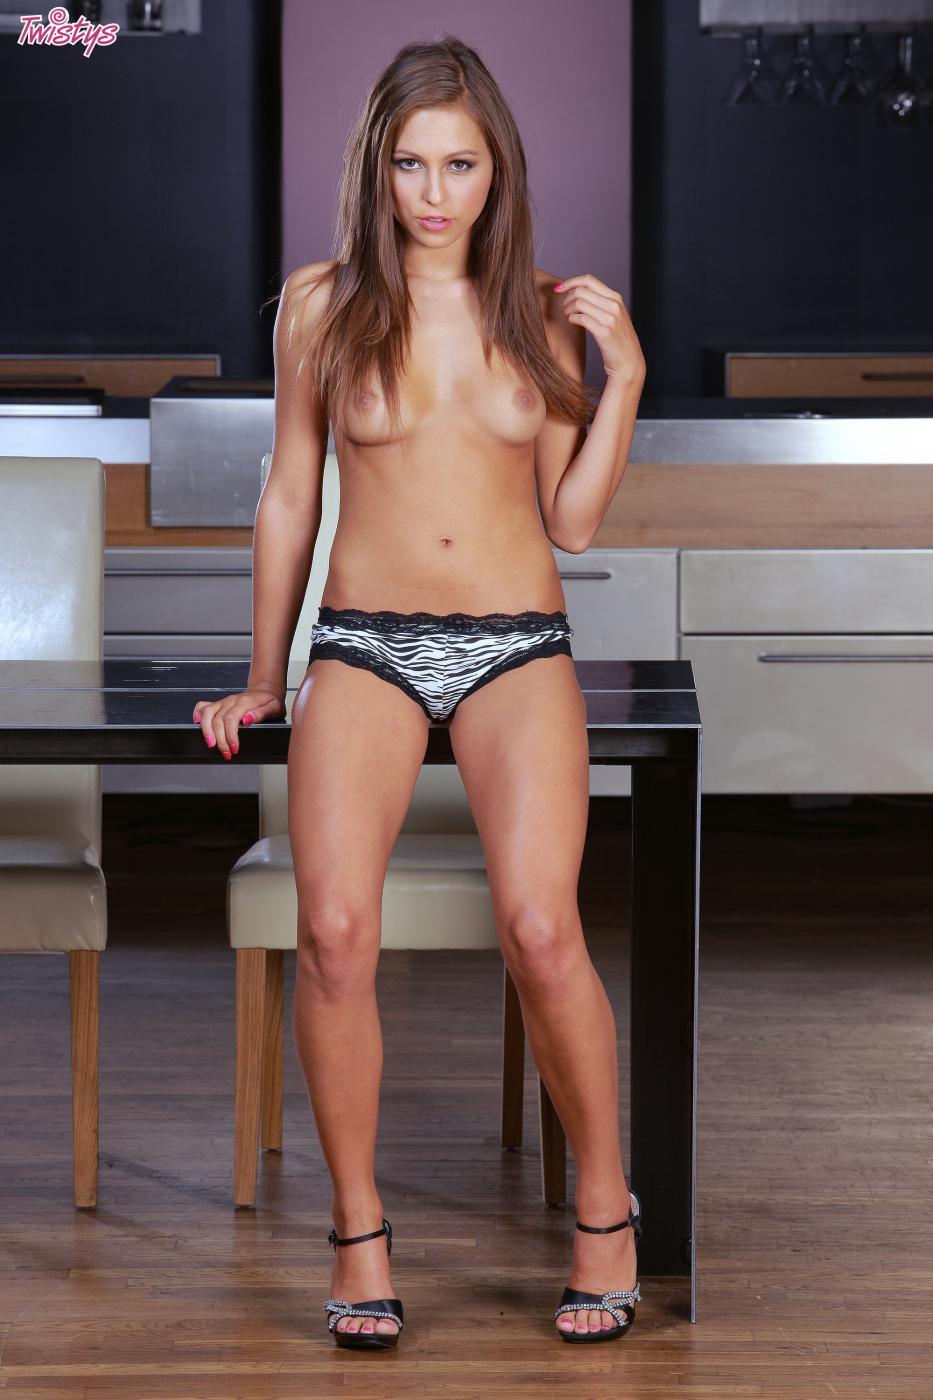 Забегая малышка Natalia Nicol показывает свои голые титьки пока позирует в сексуальных трусиках